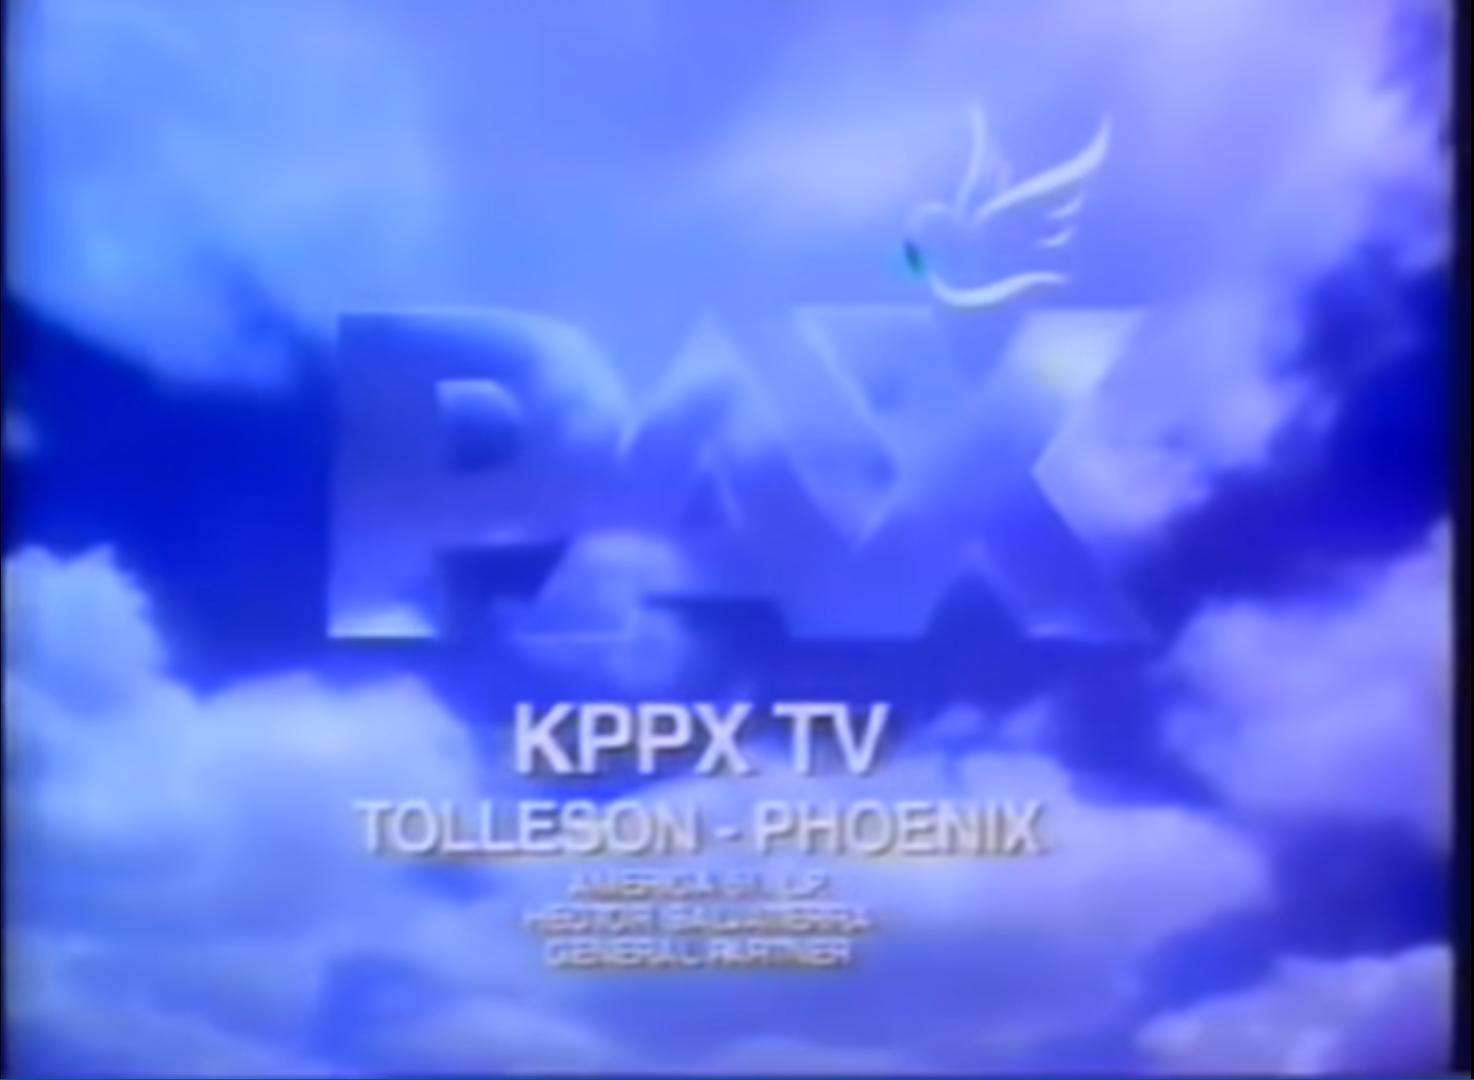 KPPX-TV